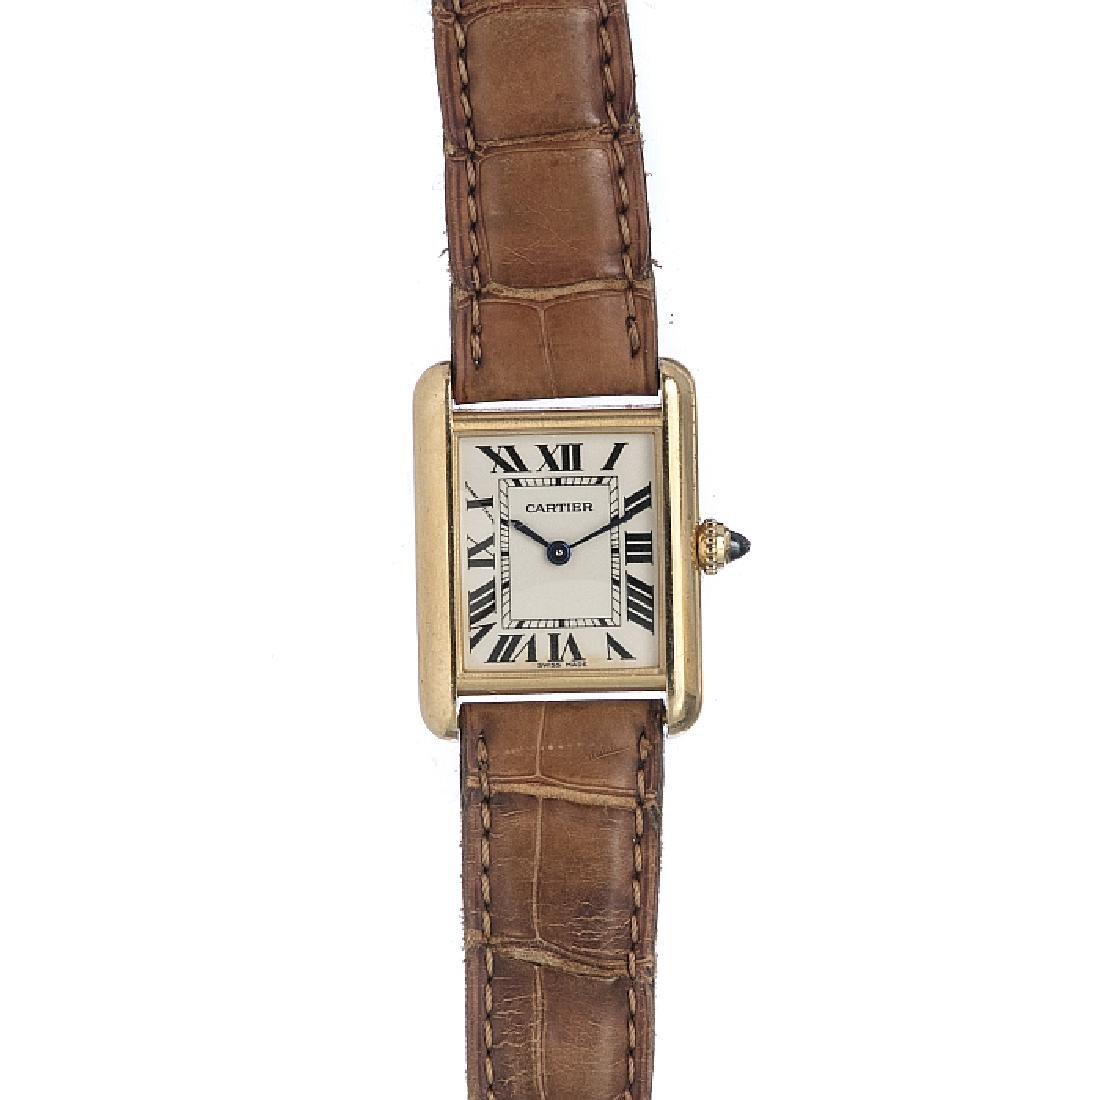 CARTIER - Wrist watch